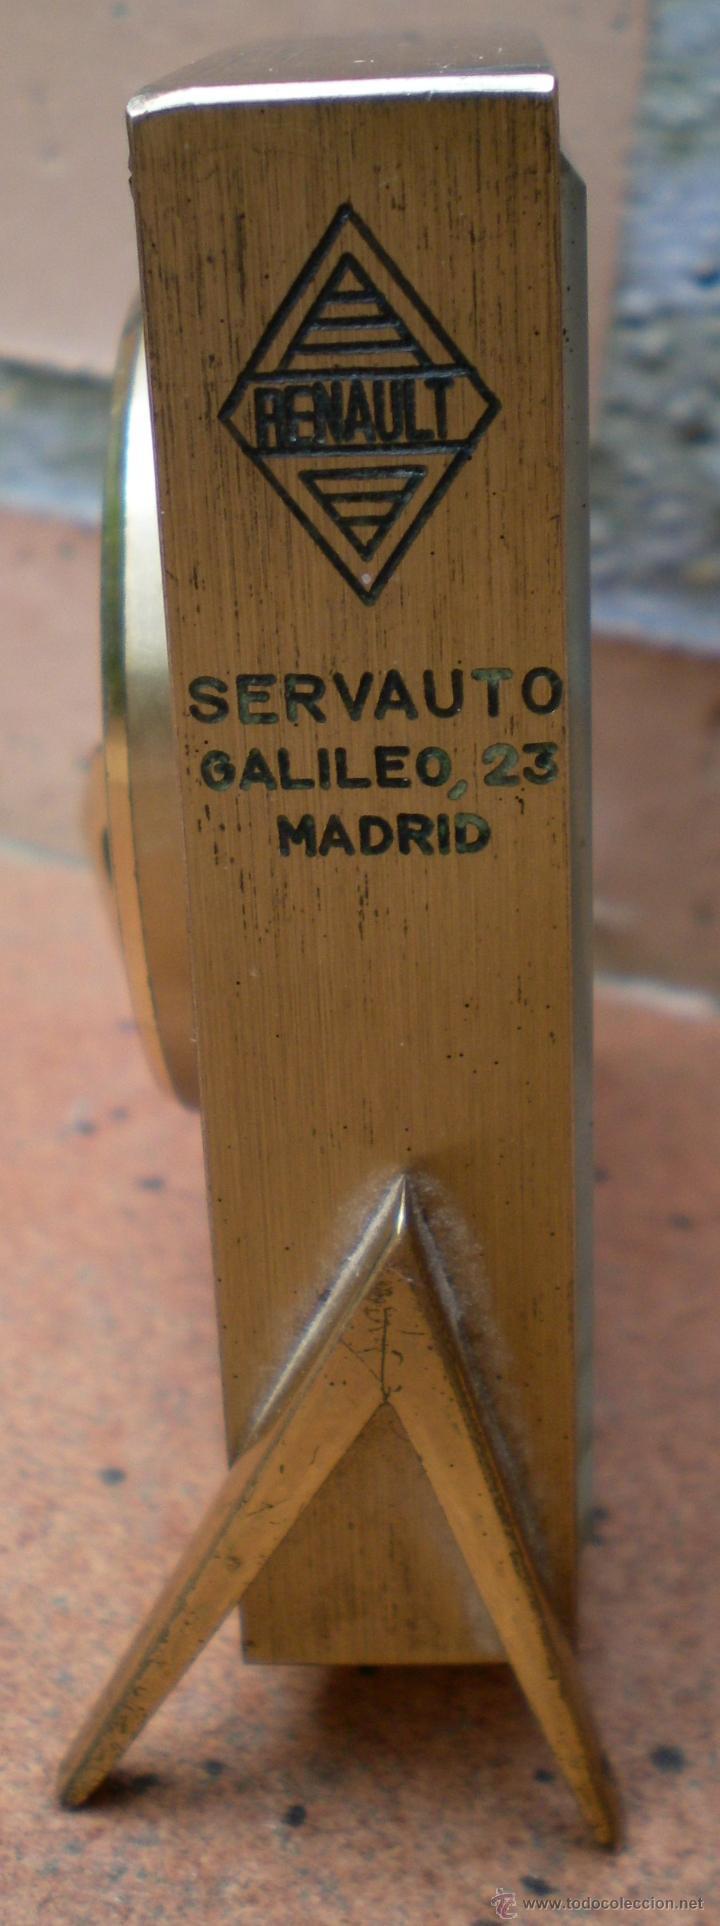 Despertadores antiguos: Reloj despertador Swiza 8 , marcado Renault Servauto Madrid - Foto 3 - 44025468